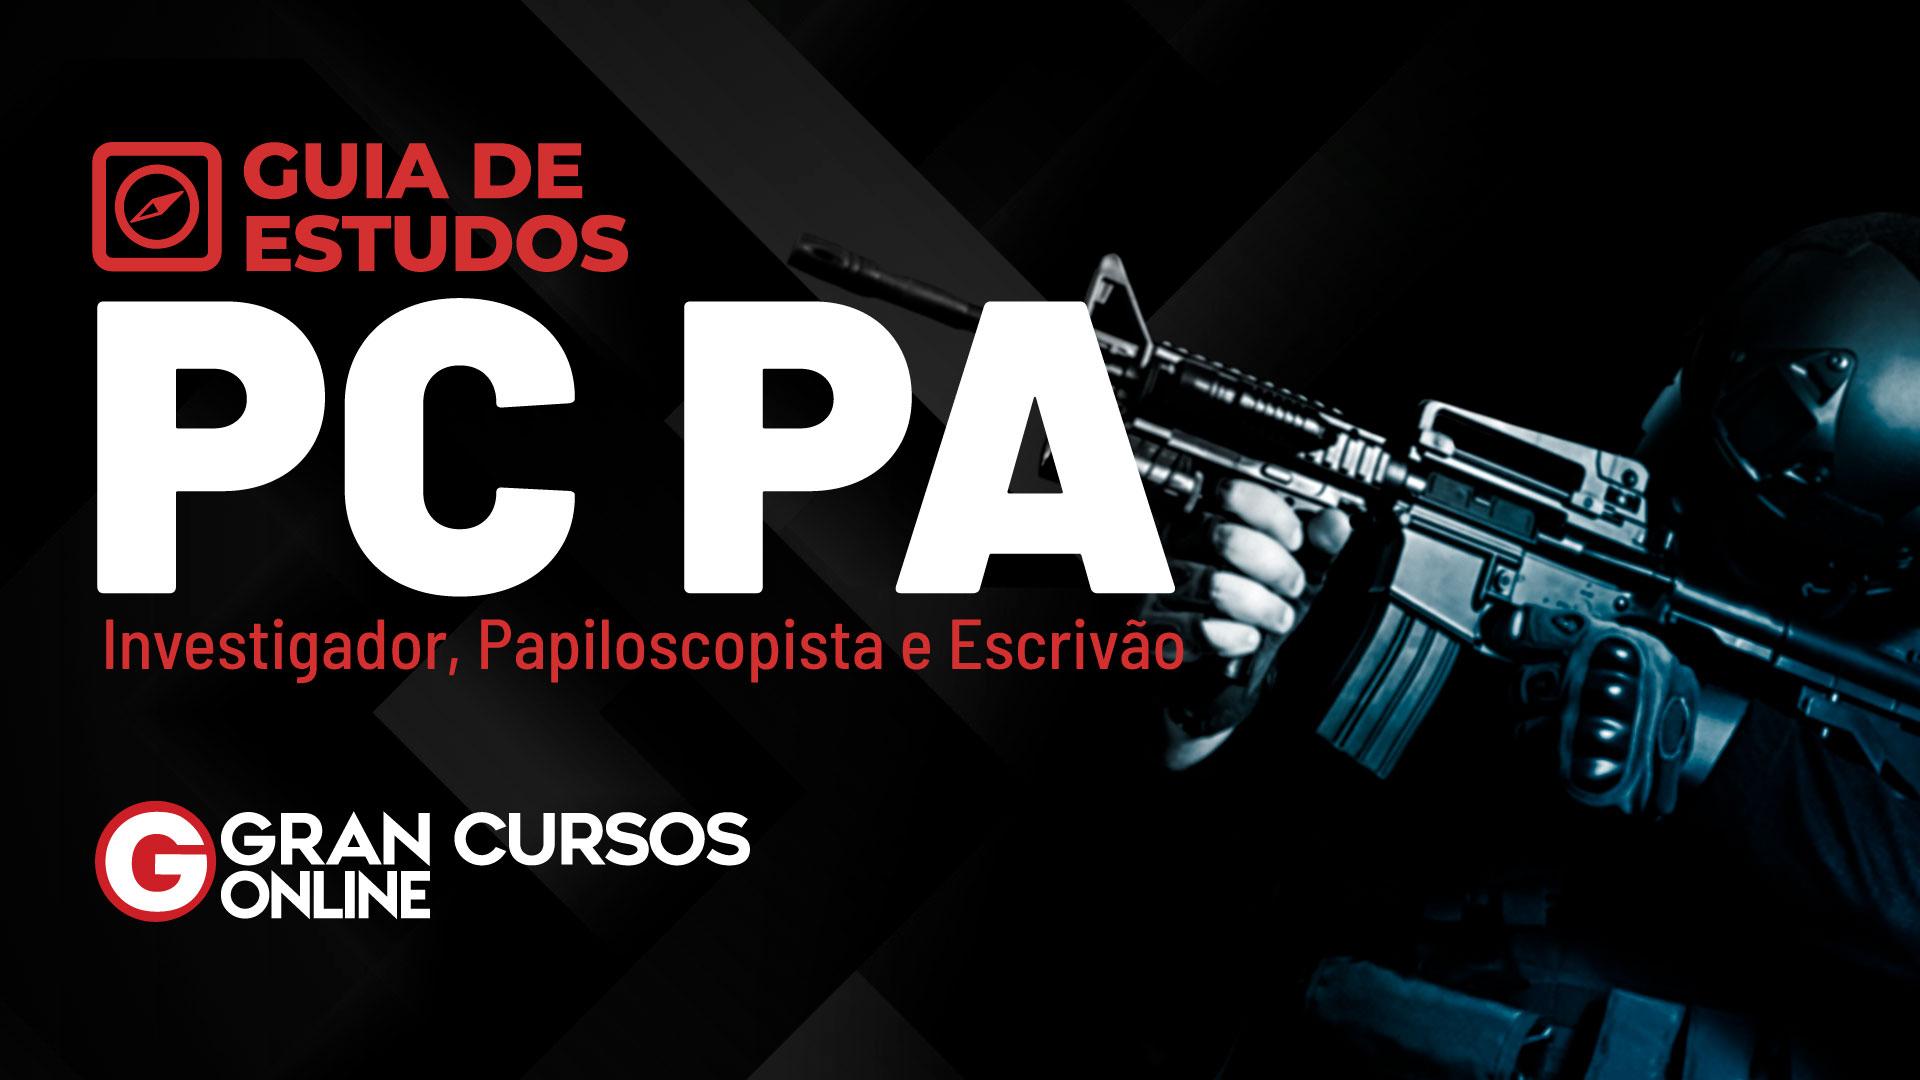 Guia-de-Estudos-PC-PA---Investigador,-Papiloscopista-e-Escrivão-Yt